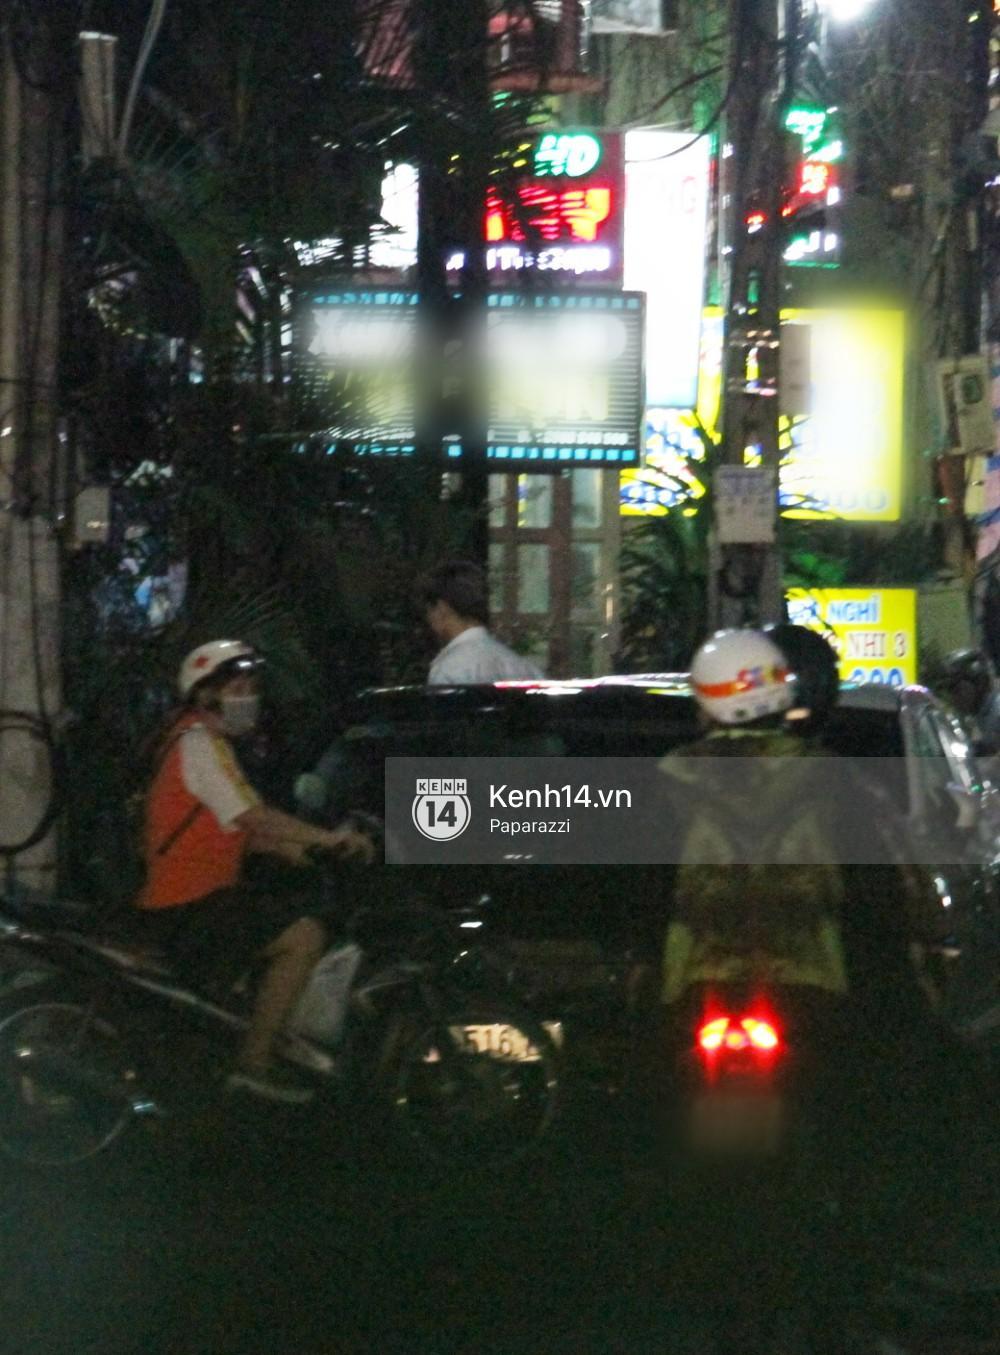 Tim tậu xe hơi mới trong lúc Trương Quỳnh Anh đưa con trai đi học bằng xe máy-6